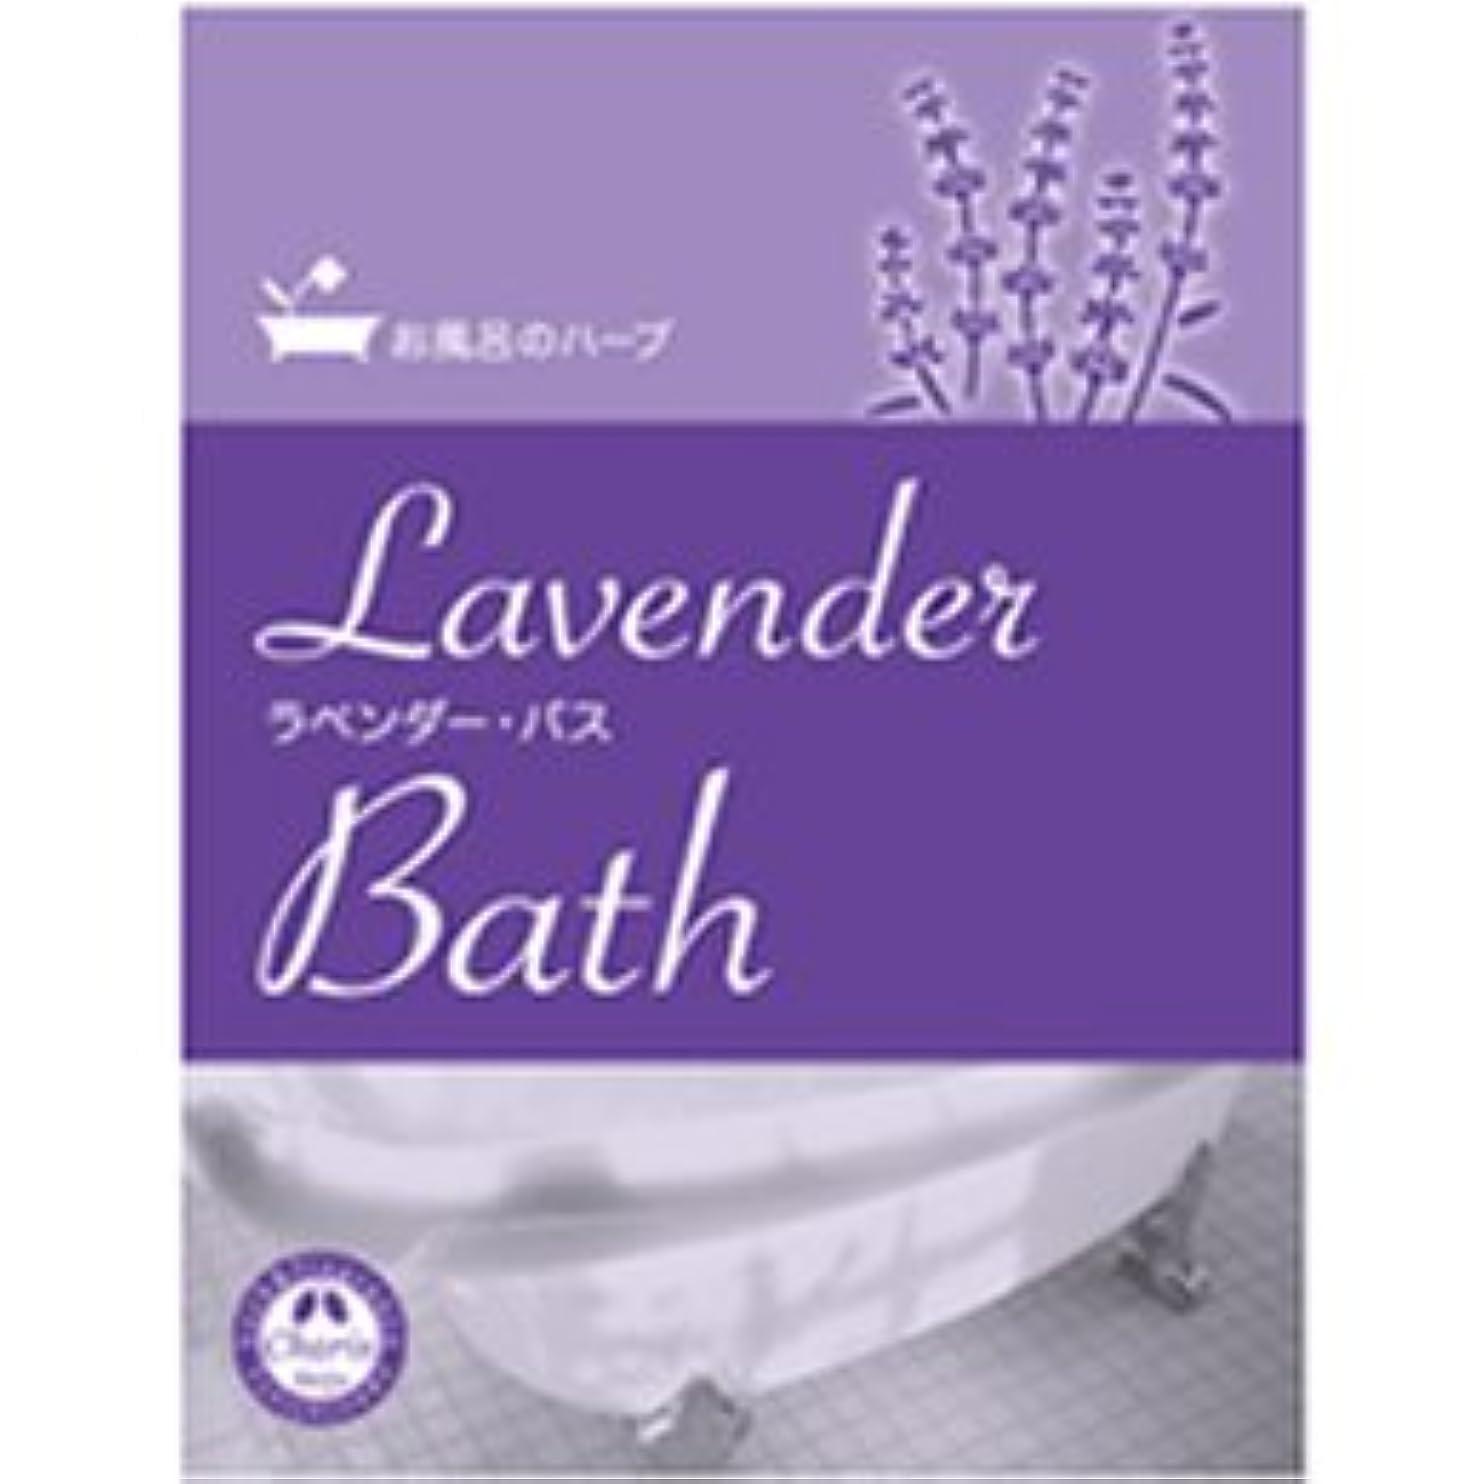 間違いなくいちゃつくデンマーク語カリス成城 お風呂のハーブ ラベンダー